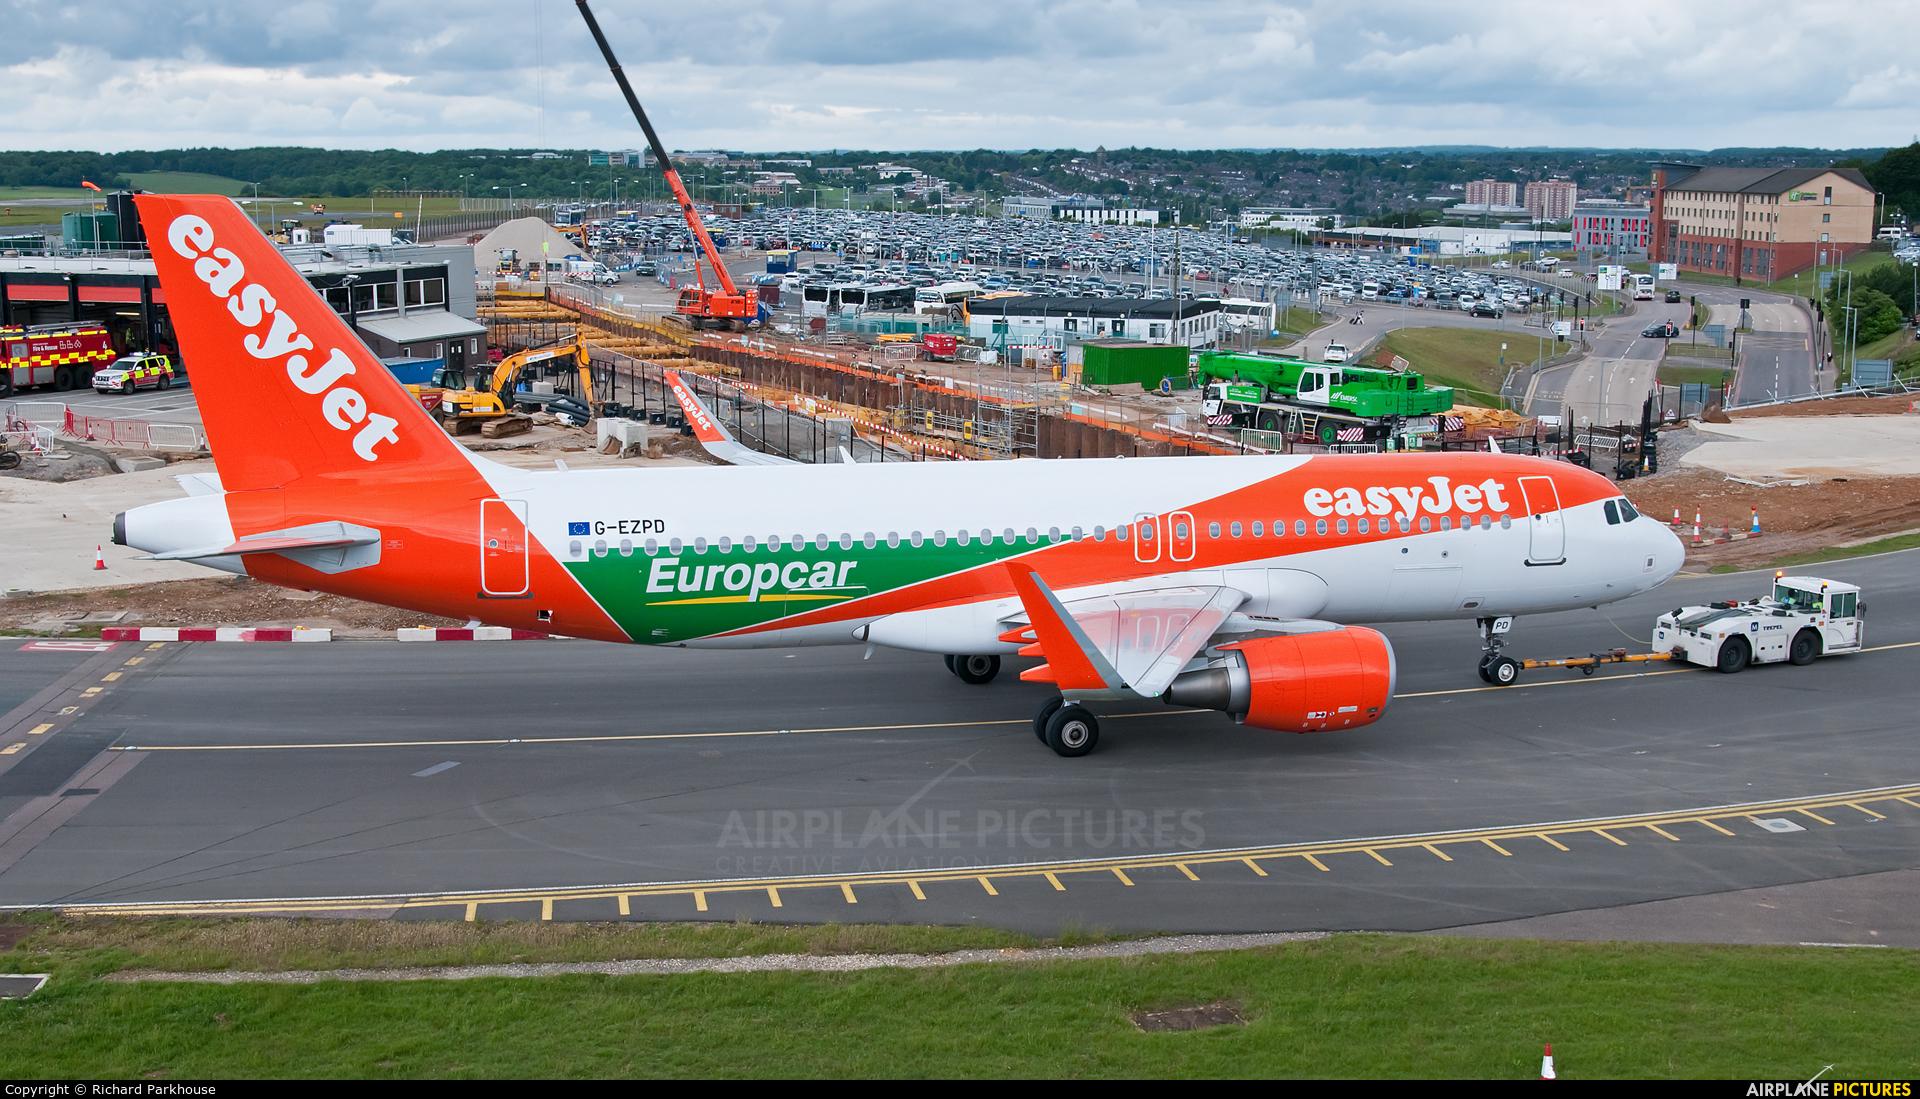 easyJet G-EZPD aircraft at London - Luton